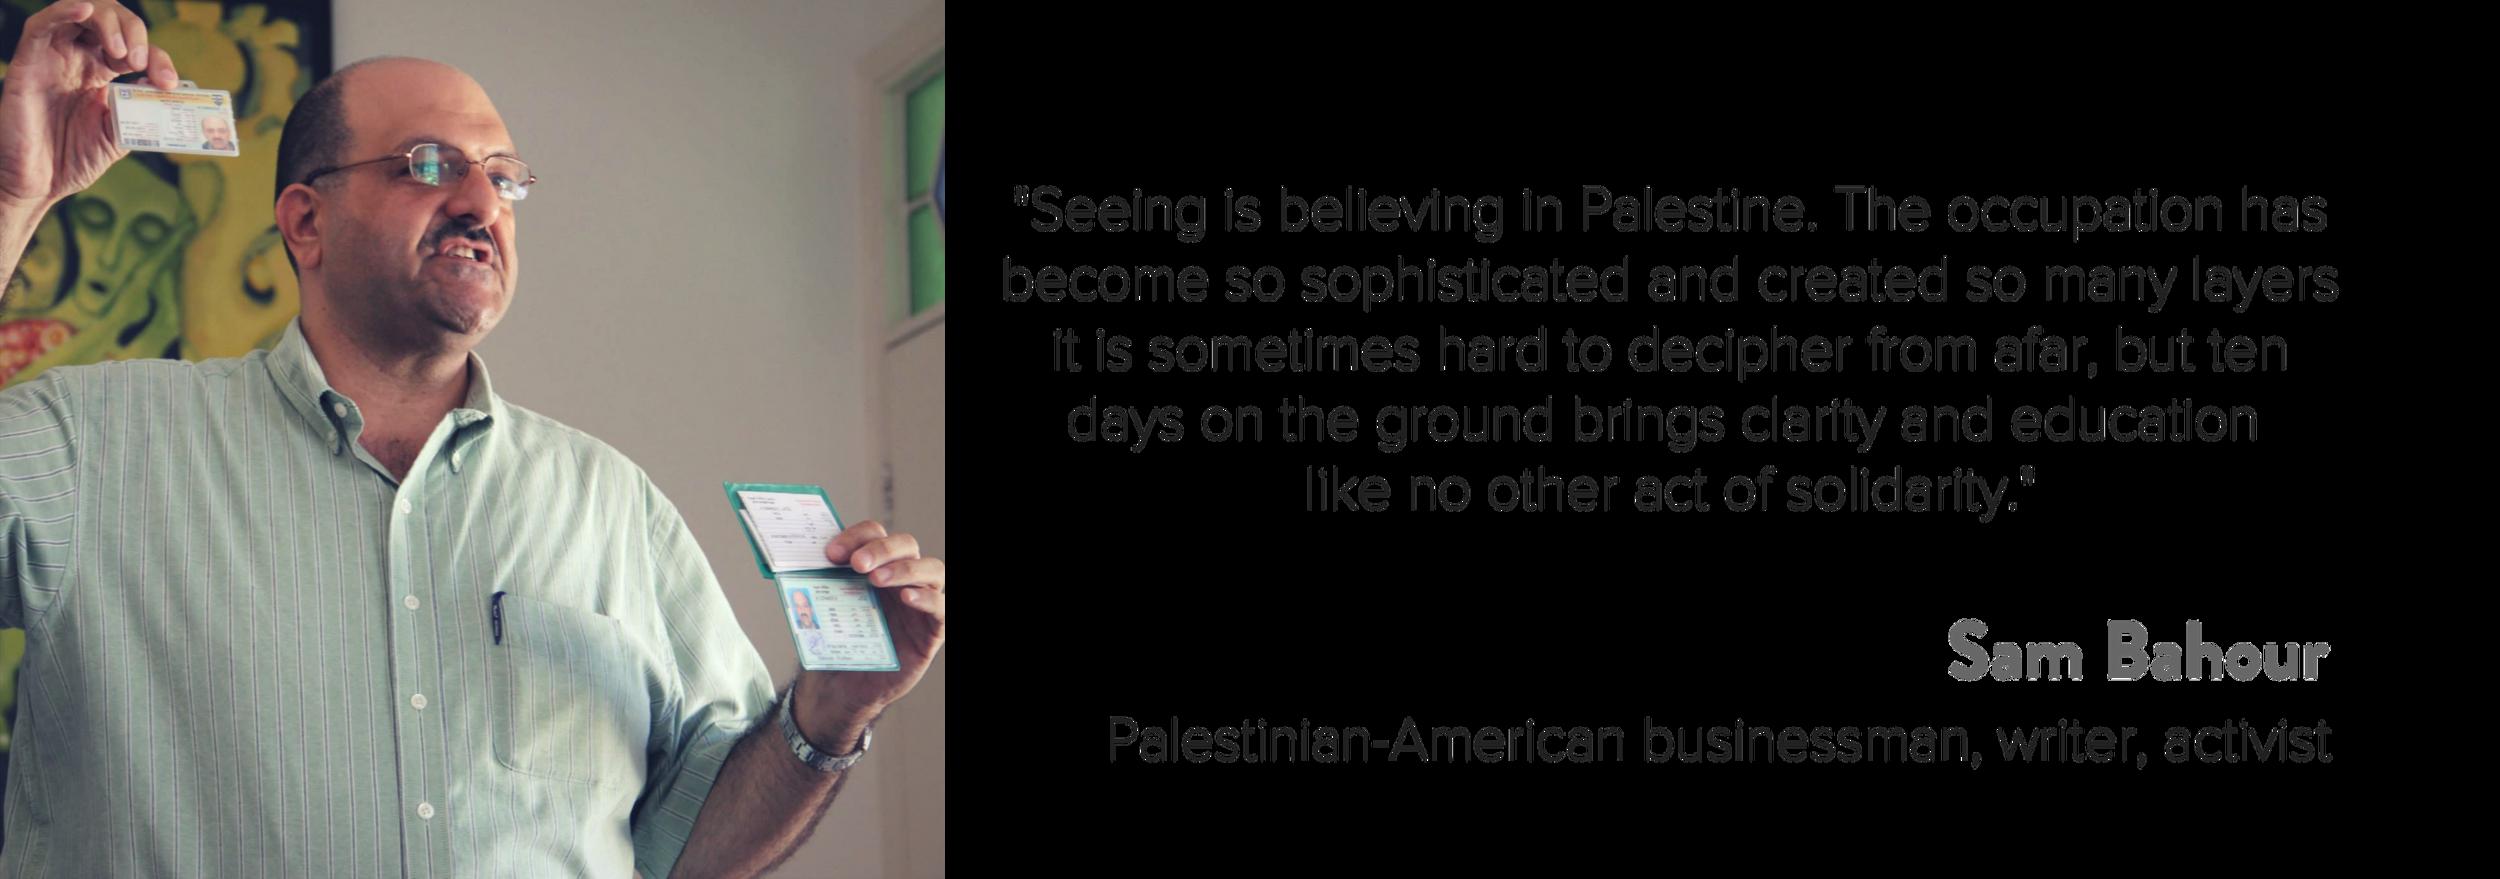 Sam Bahour - Testimonial